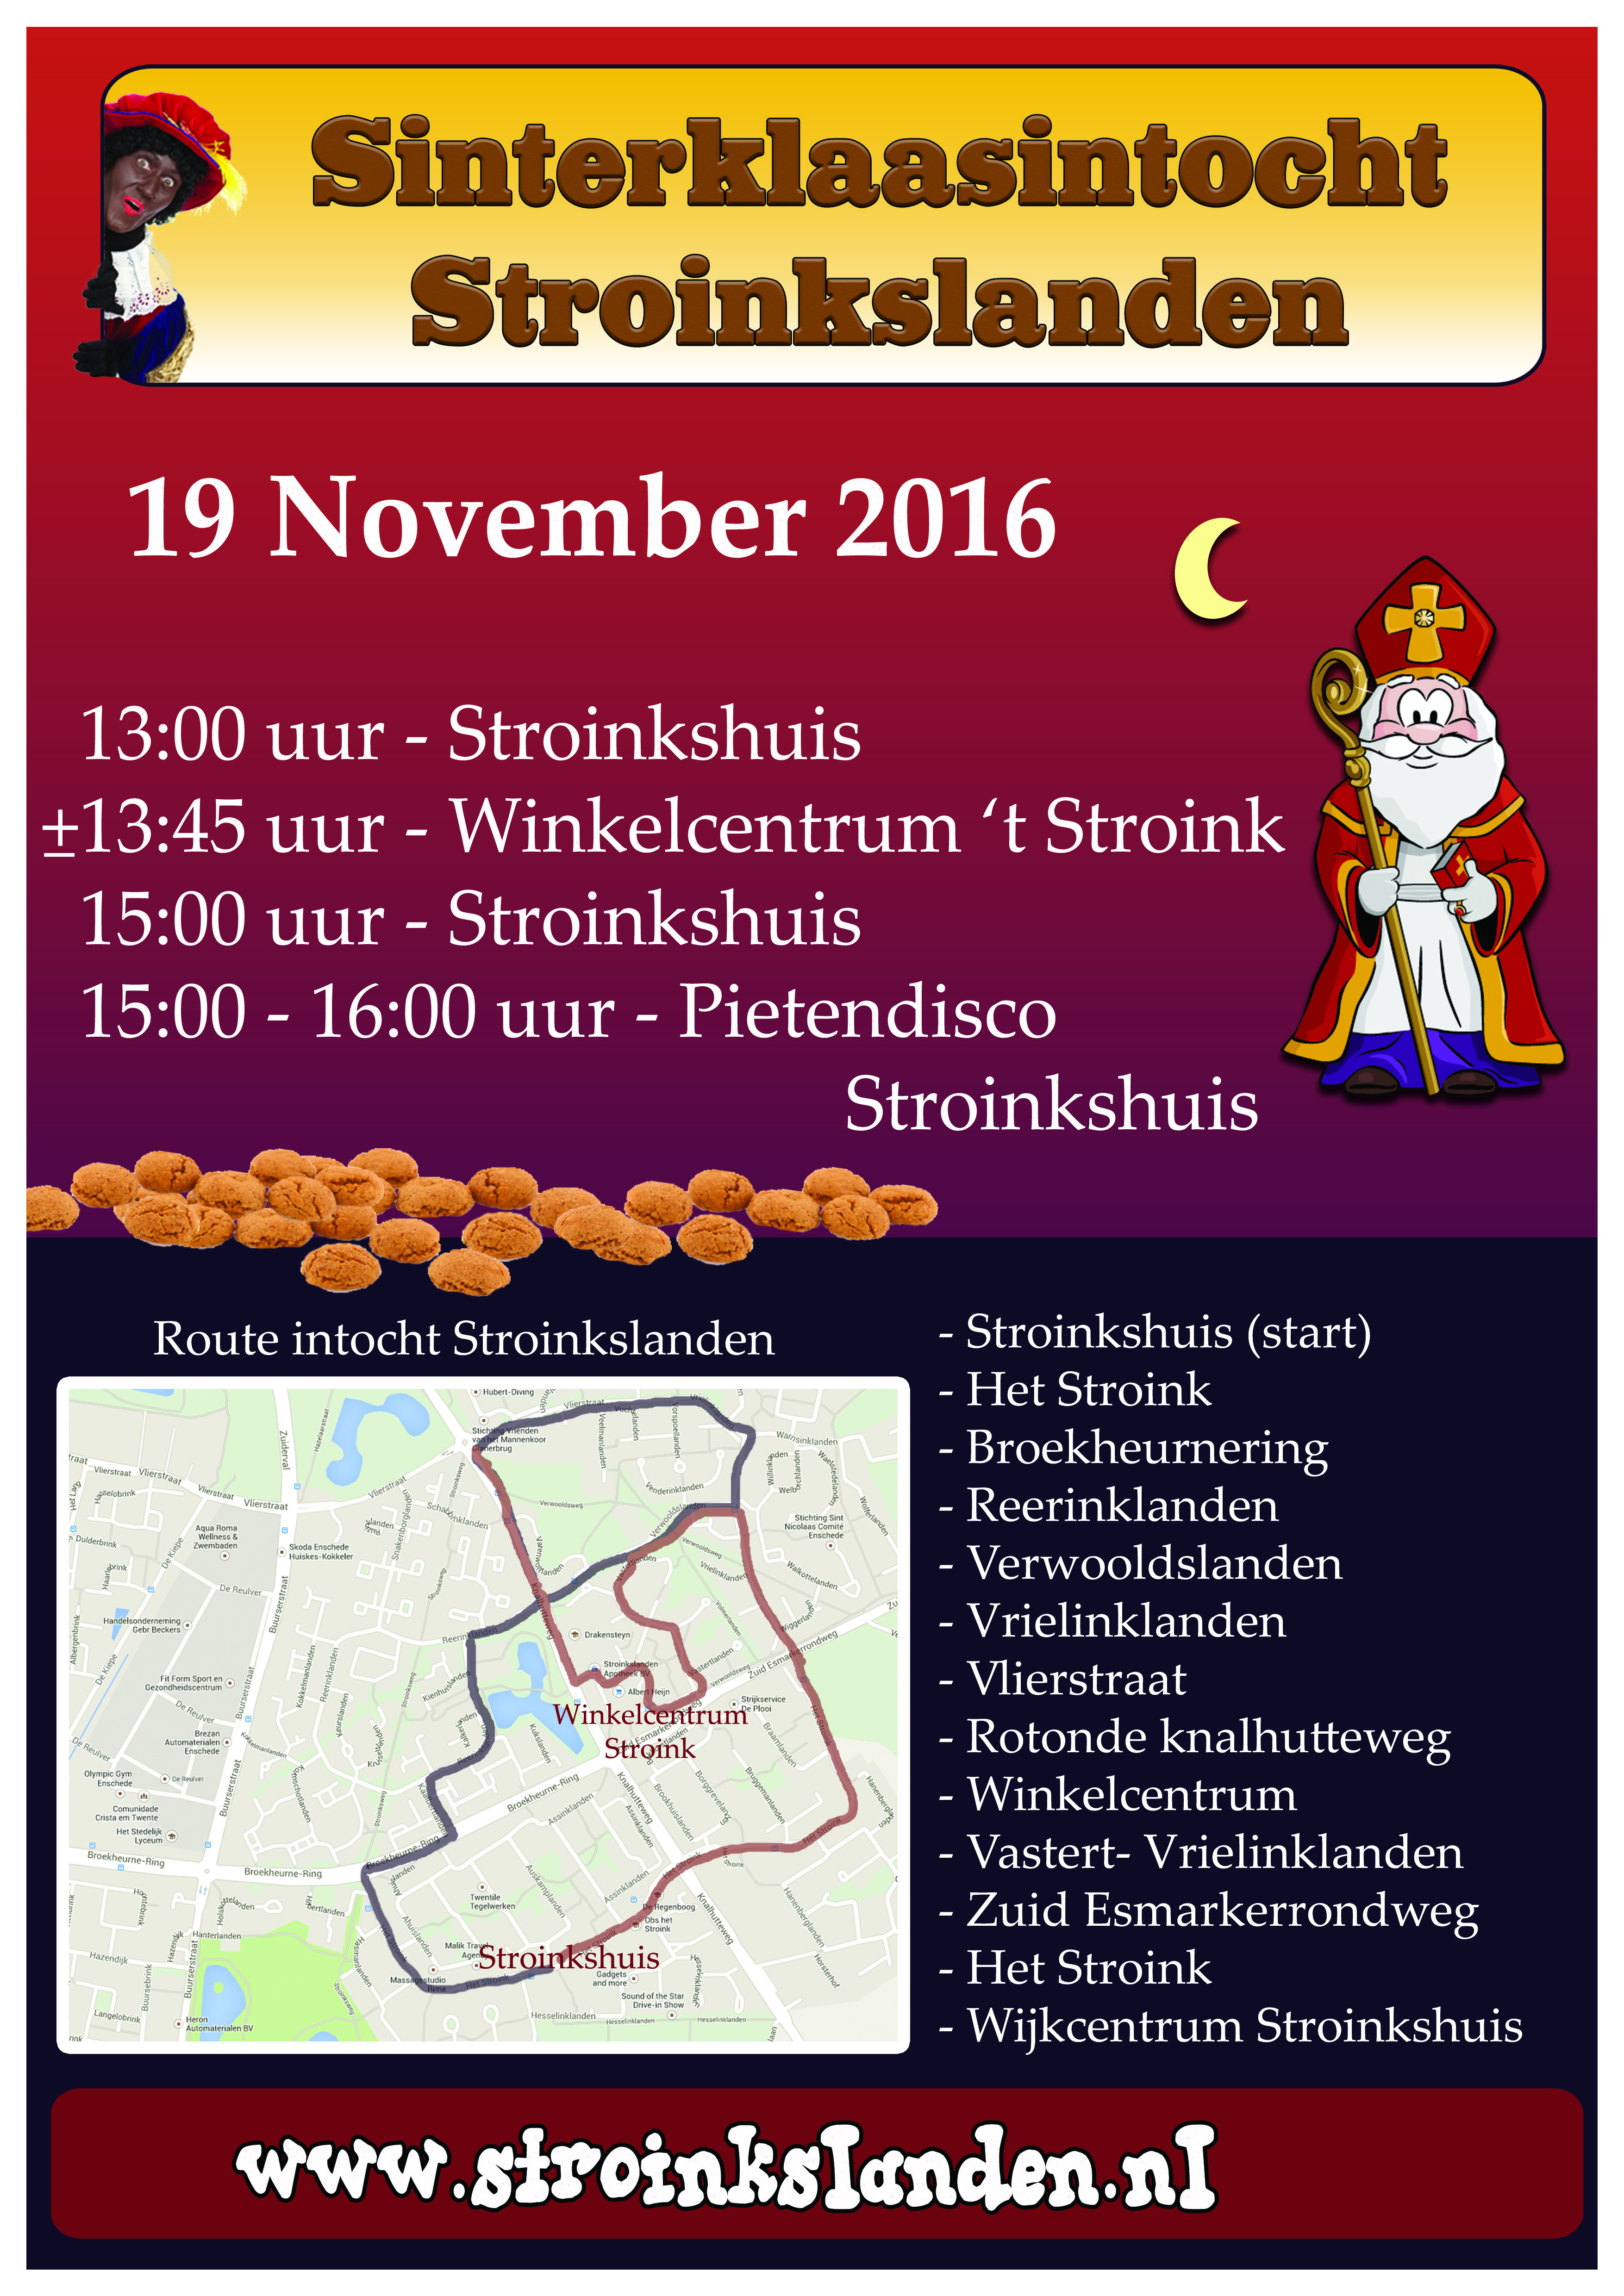 Intocht Enschede Stroinkslanden Zaterdag 23 November 2019 Sinterklaasintocht Info